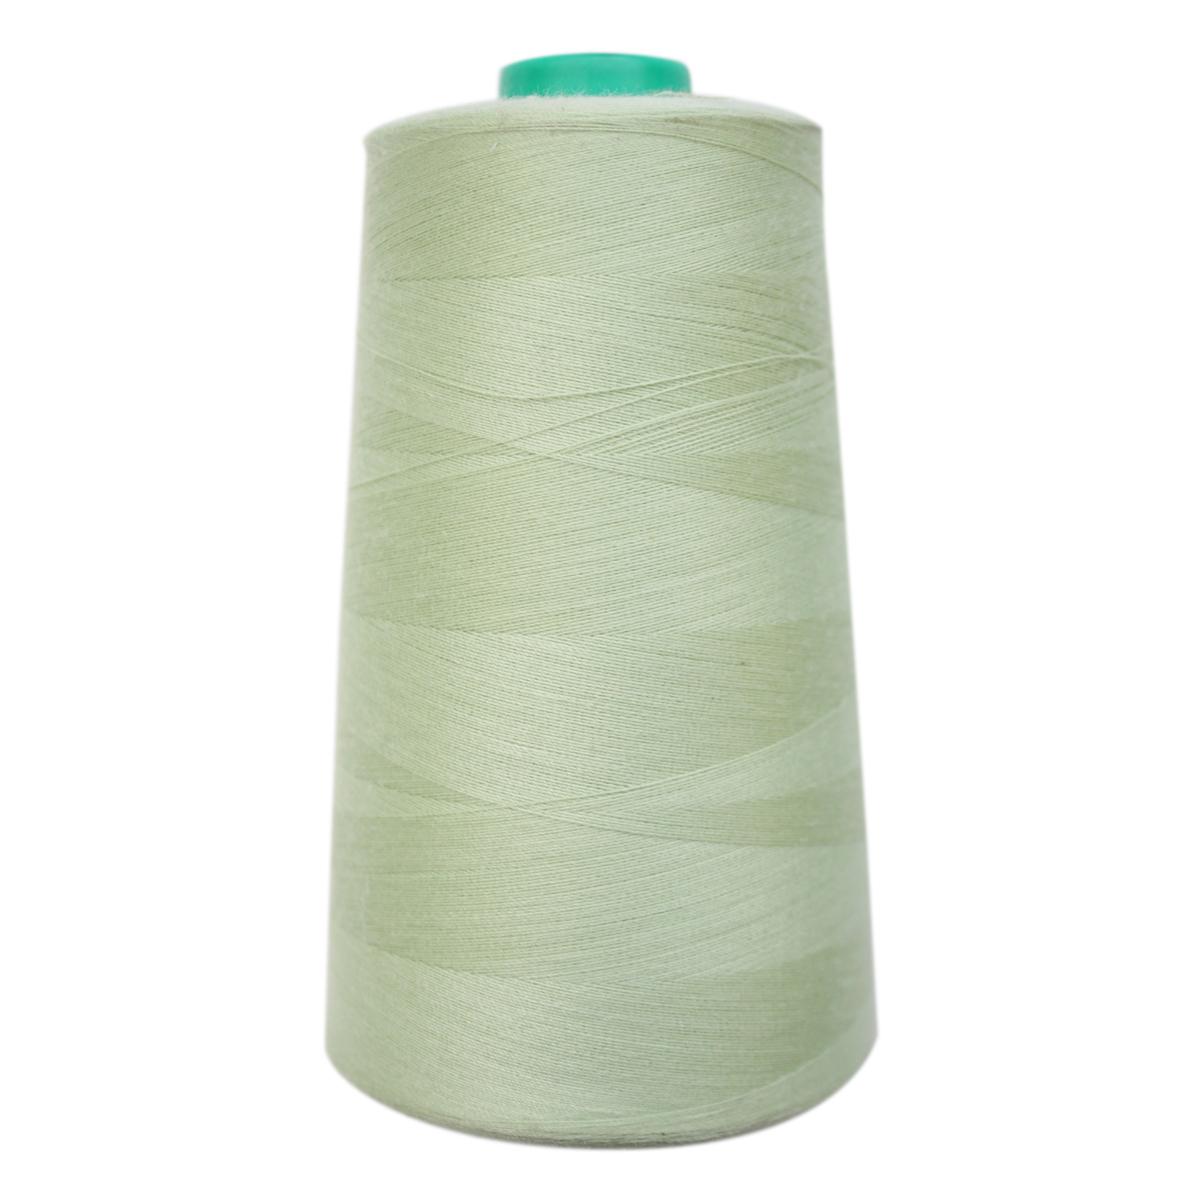 Нитки для шитья Bestex 50/2, 5000 ярд, цвет: св.салатовый (122)7700936-122Сфера использования: трикотаж; ткани малого веса; оверлочные швы; отделка краев; вышивка. Размер игл №70-80